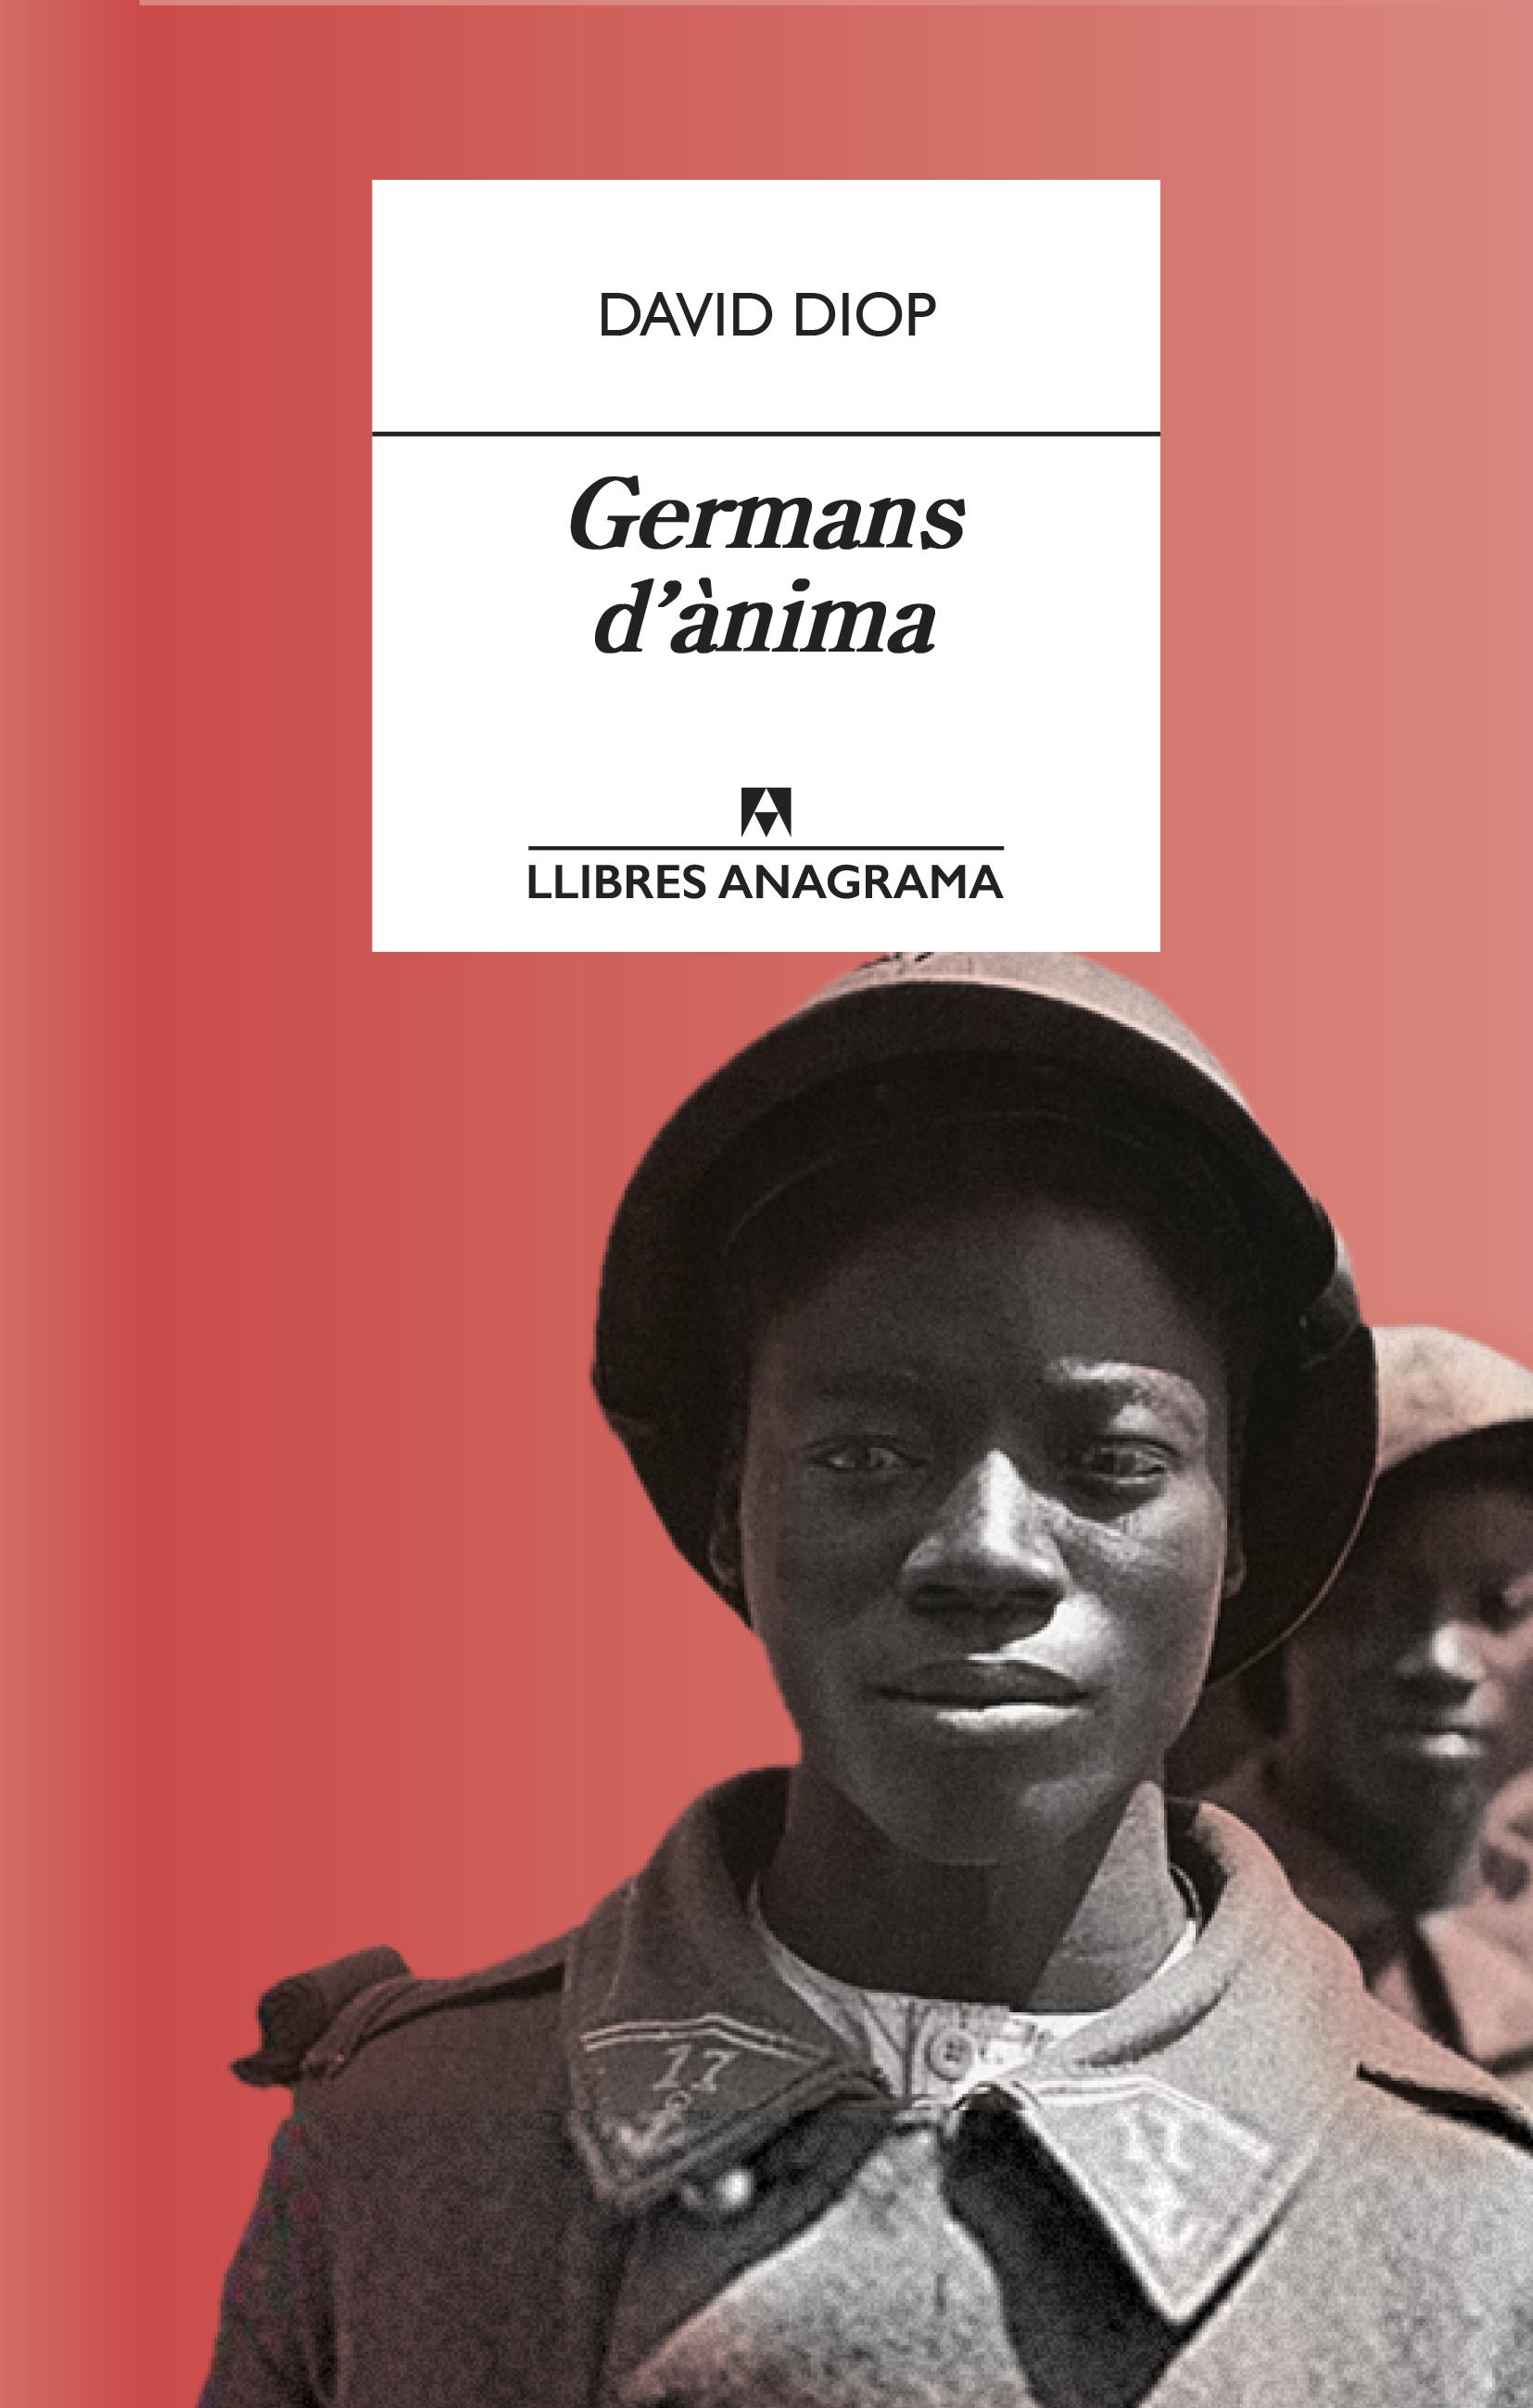 Imatge de la portada de la novel·la Germans d'ànima